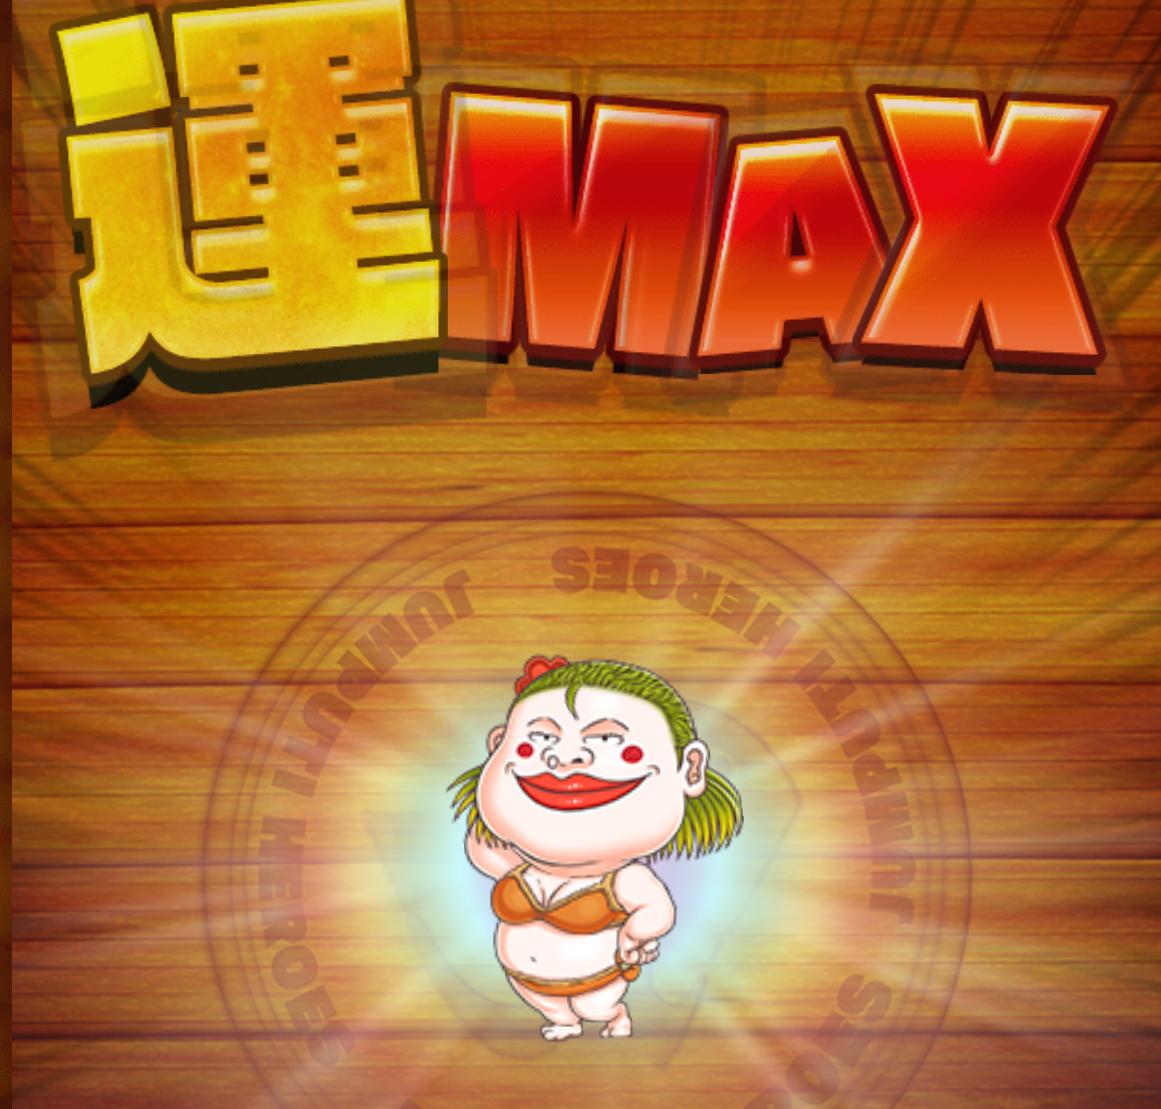 f:id:shinobu-yamanaka3:20190818234828p:plain